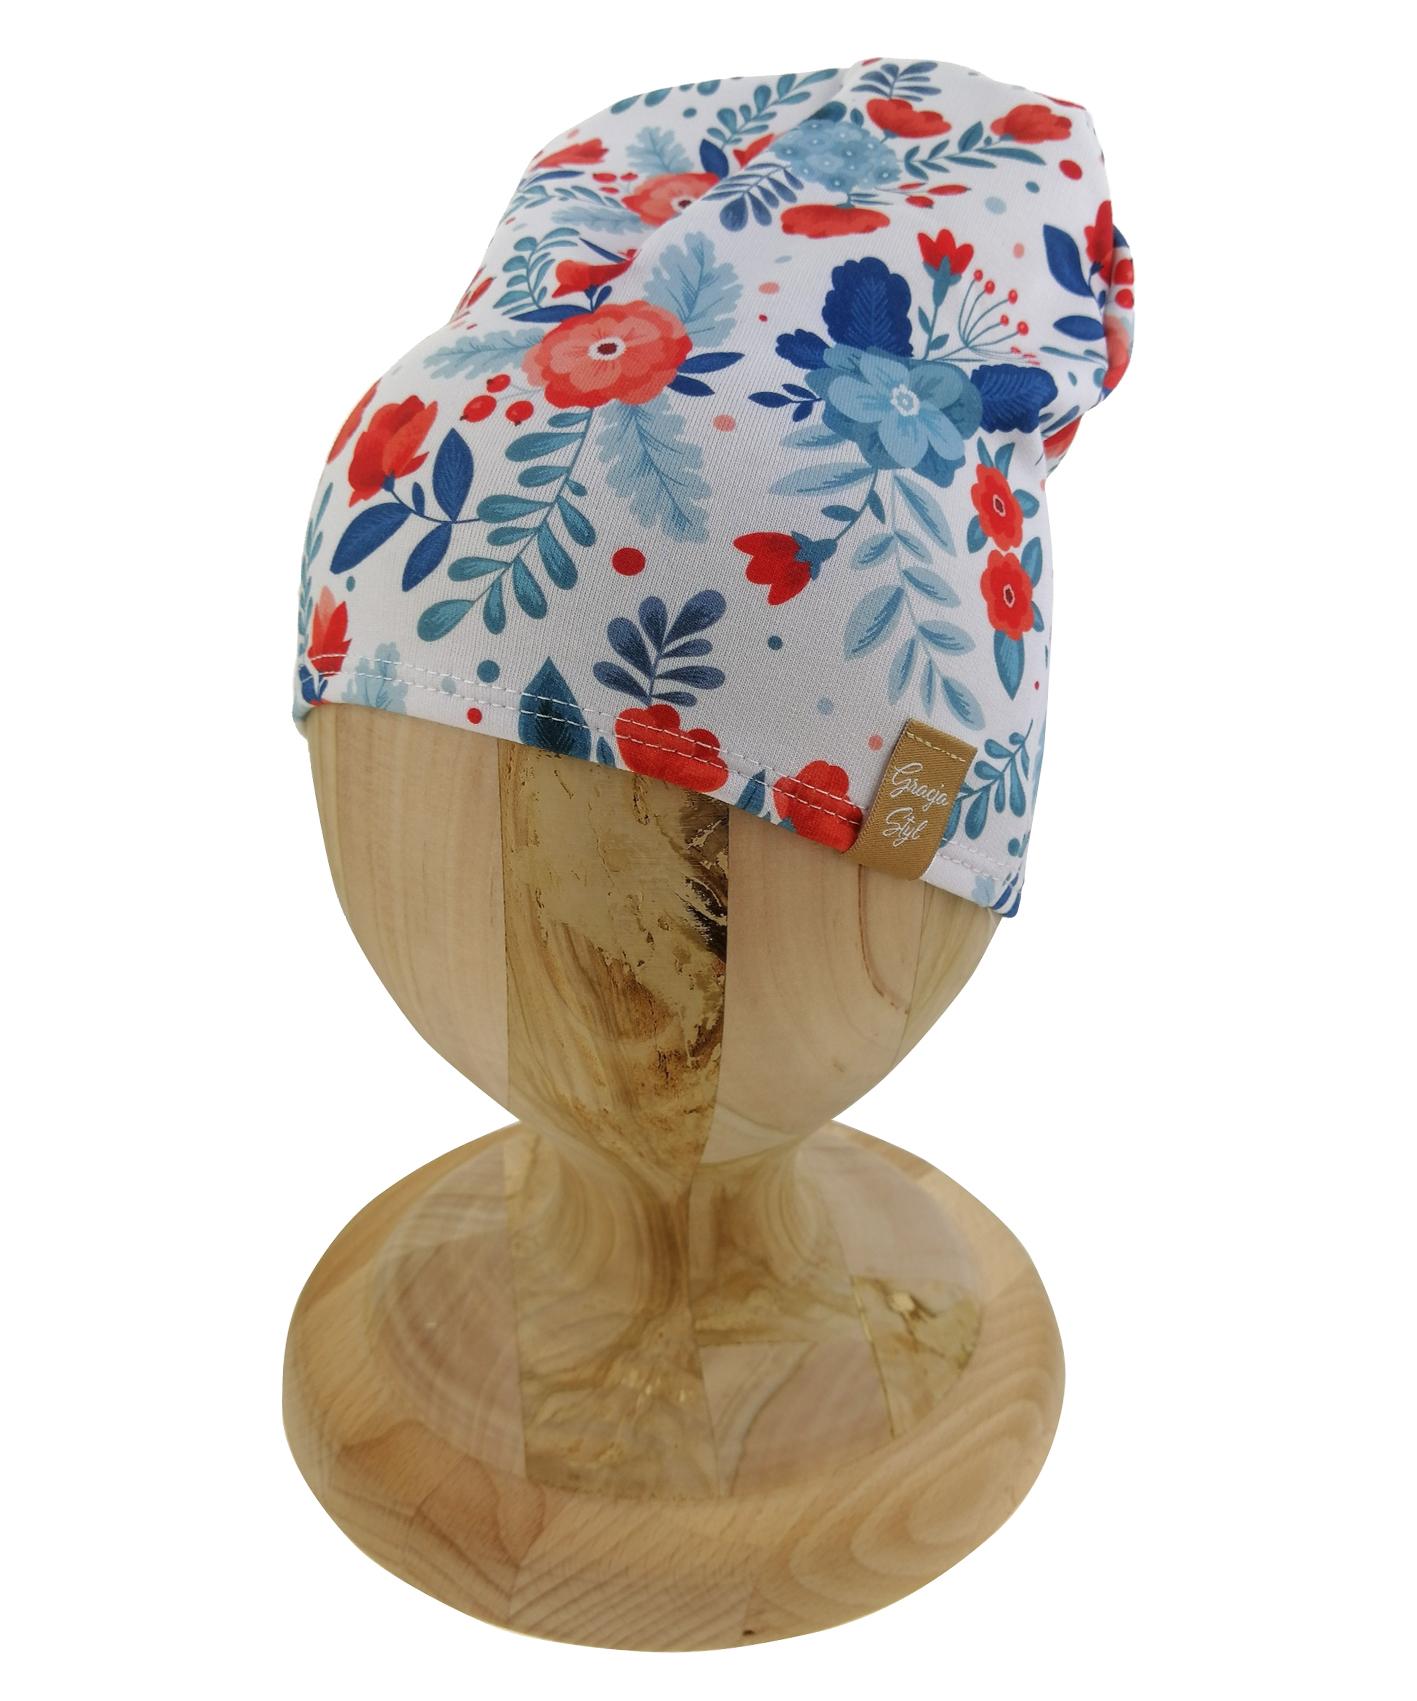 Czapka typu smerfetka. Uszyta z bawełny pętelkowej. Marka Gracja Styl. Dzięki domieszcze elastanu czapka dobrze dopasowuje się do głowy. Wzór maki